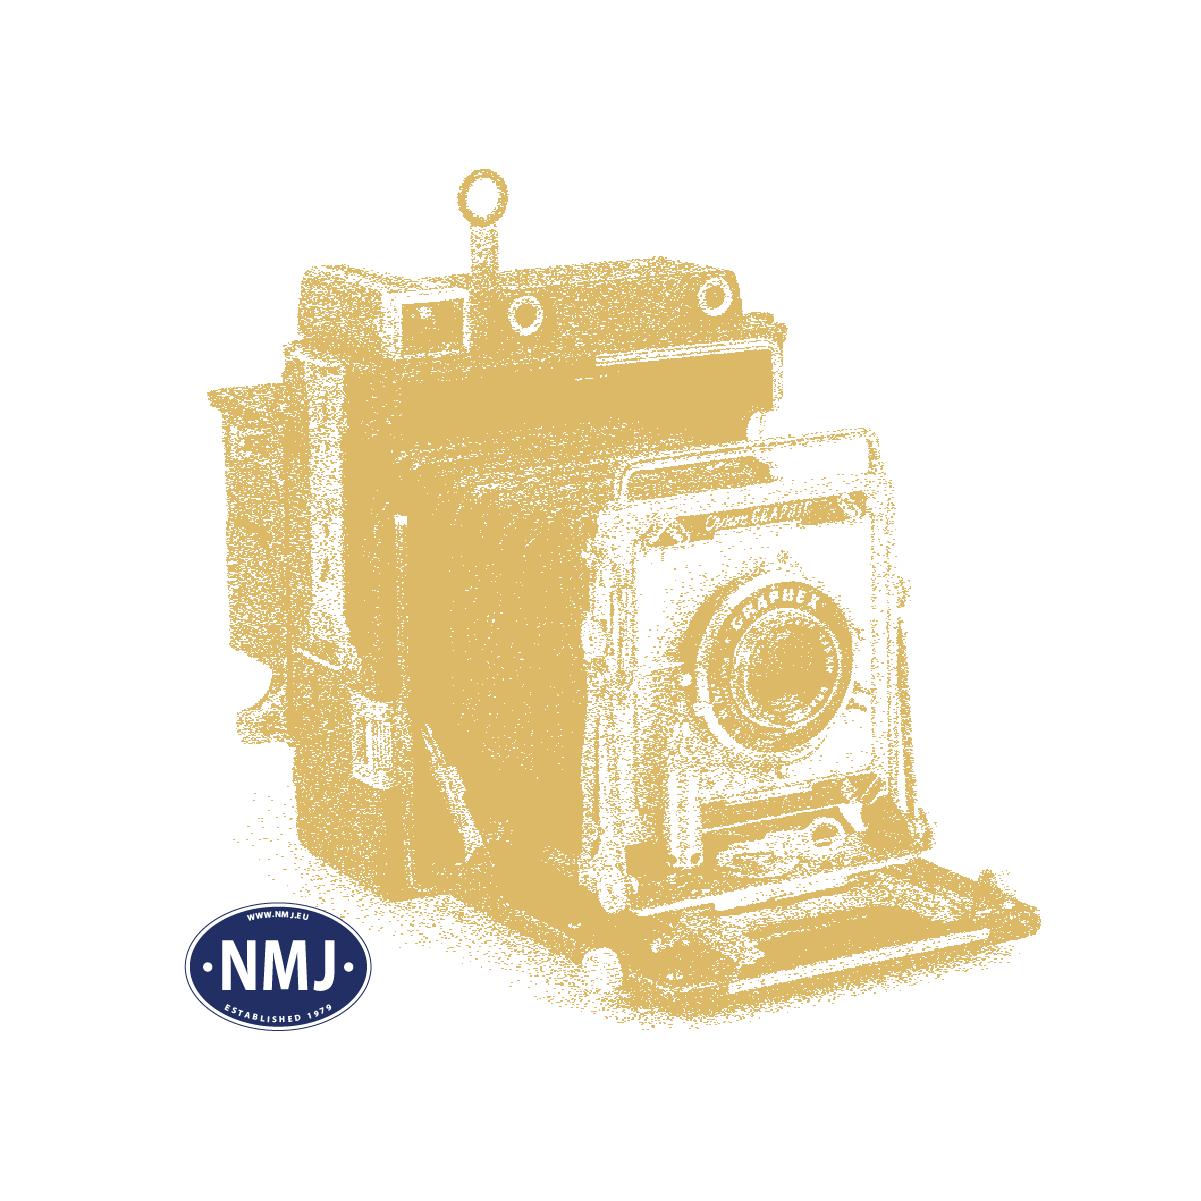 NMJT9926 - Grønne speil for El11